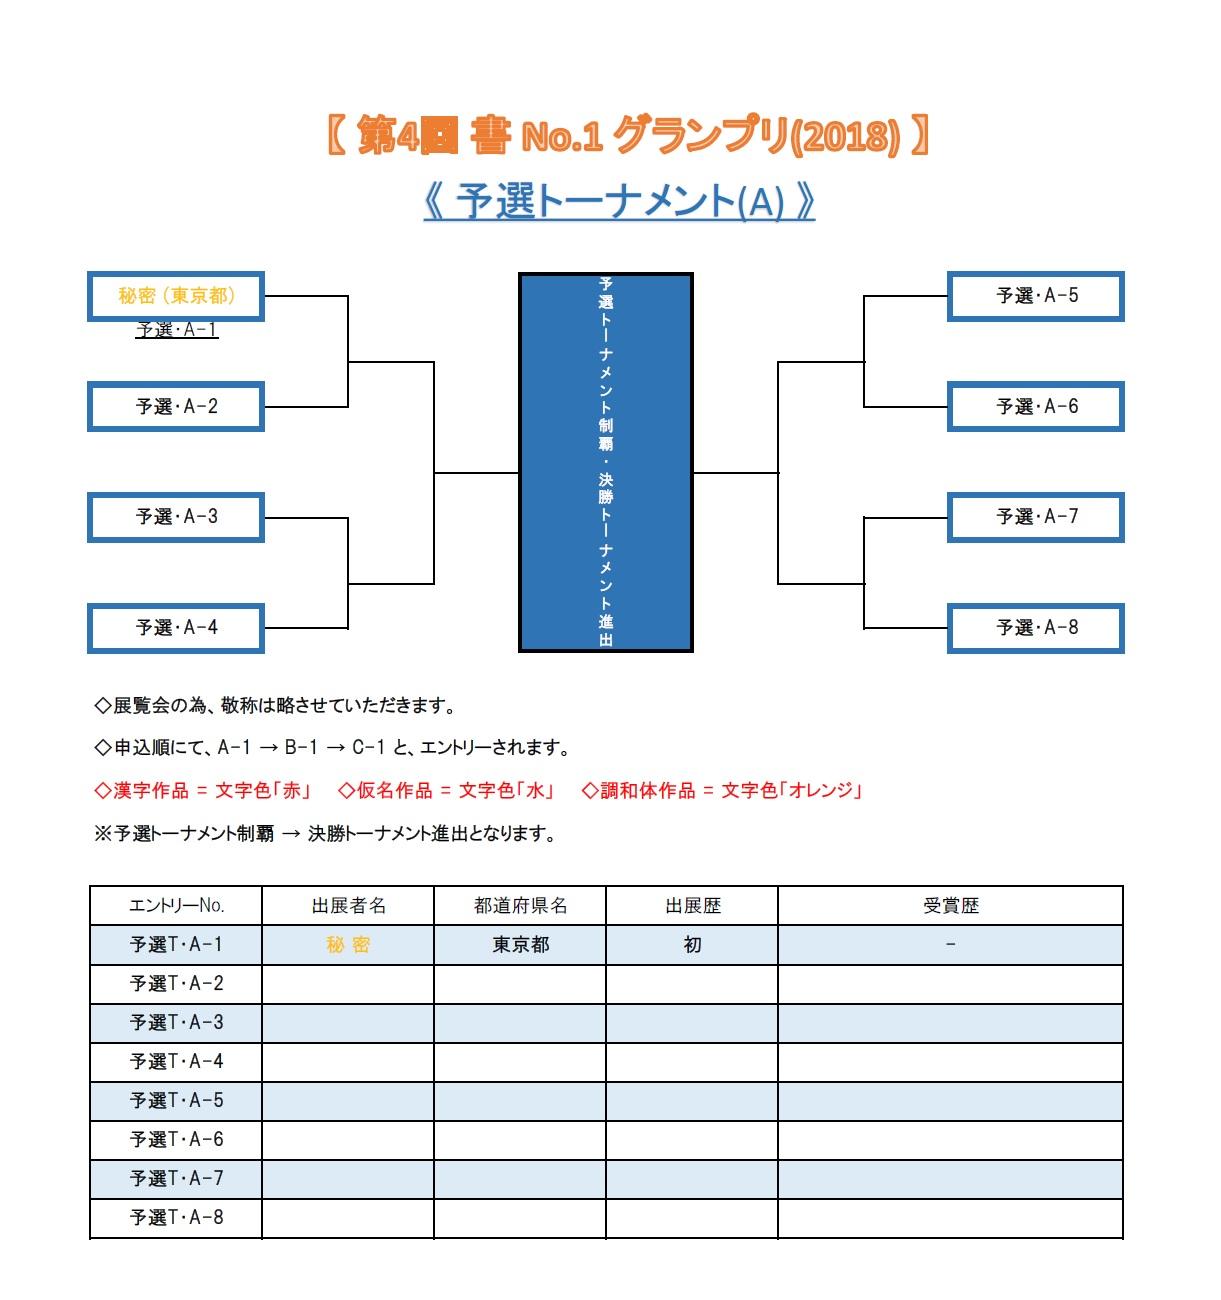 グランプリ-2018 予選トーナメントA-2018-0330